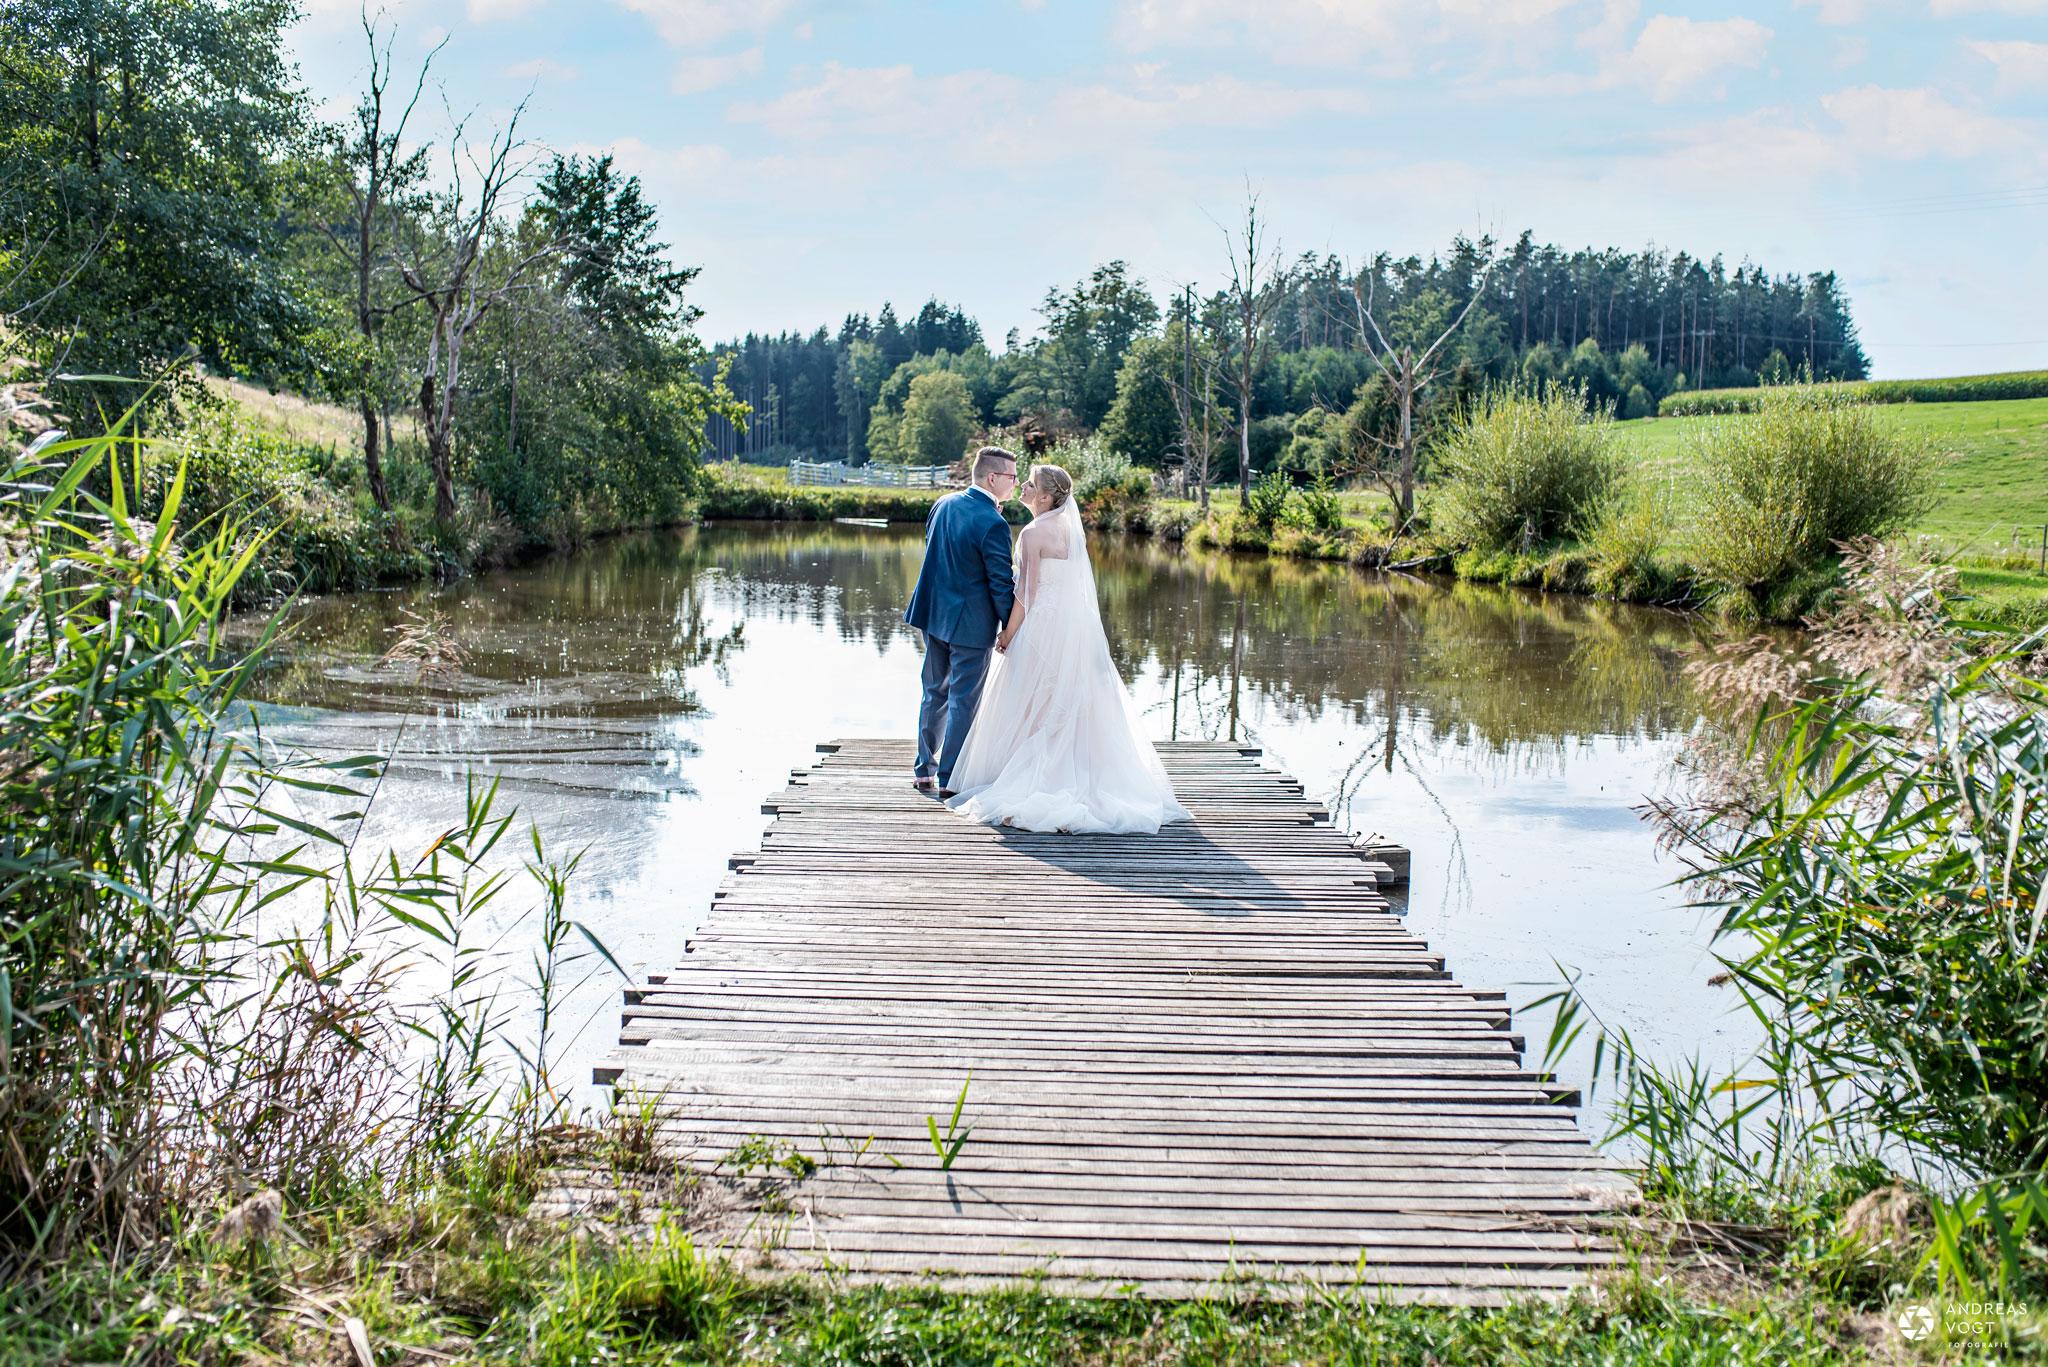 Brautpaarfoto am See in Ellwangen Hochzeitsfotograf Andreas Vogt